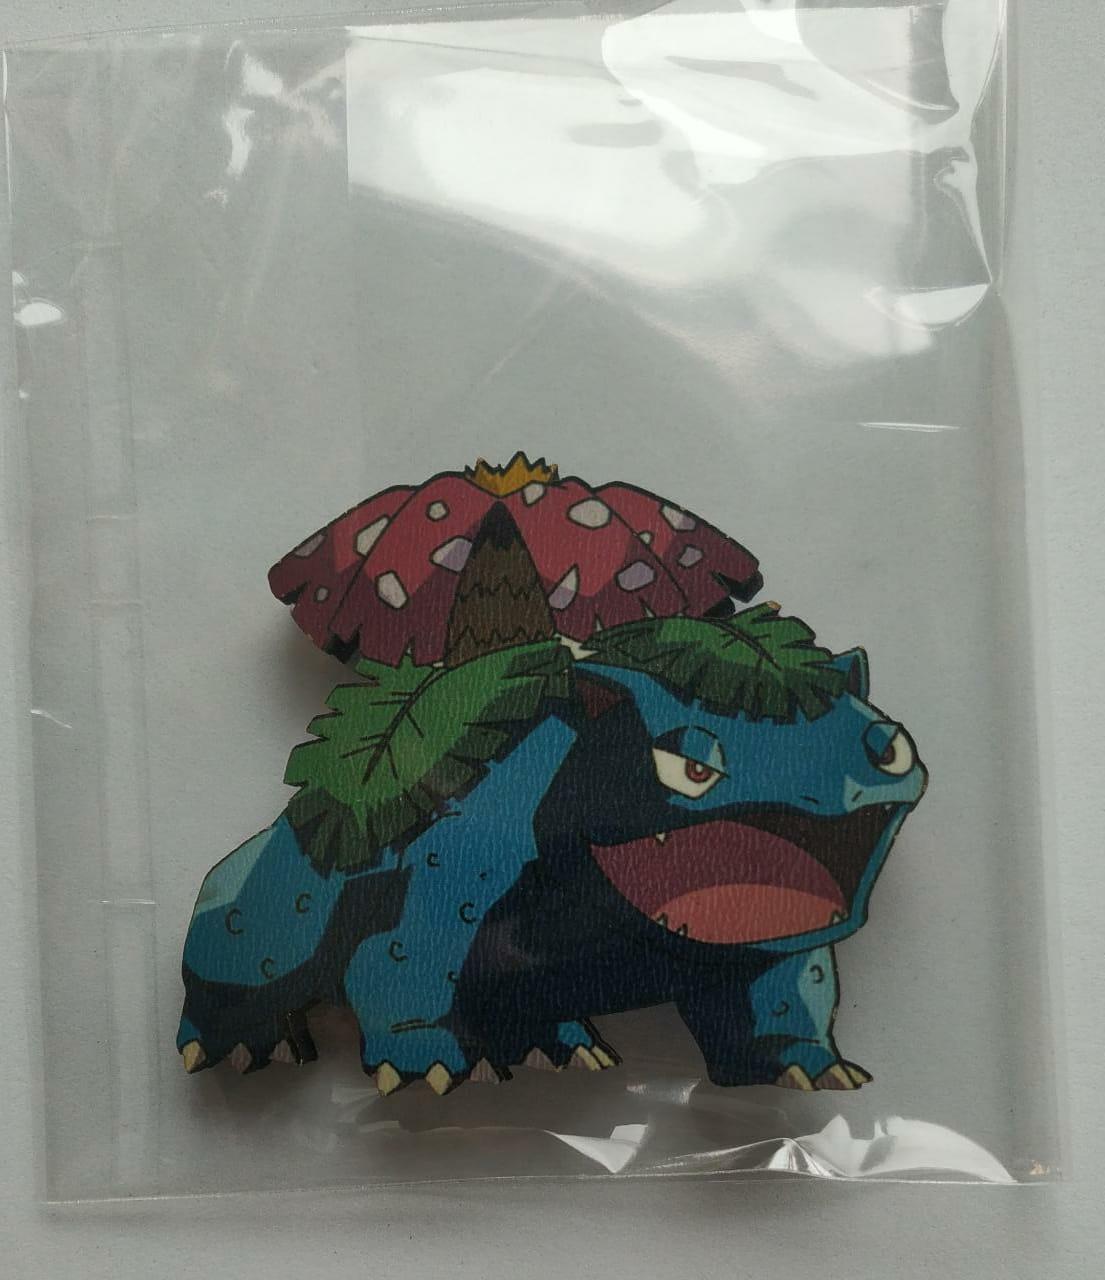 Imã do Pokémon: Venosauro